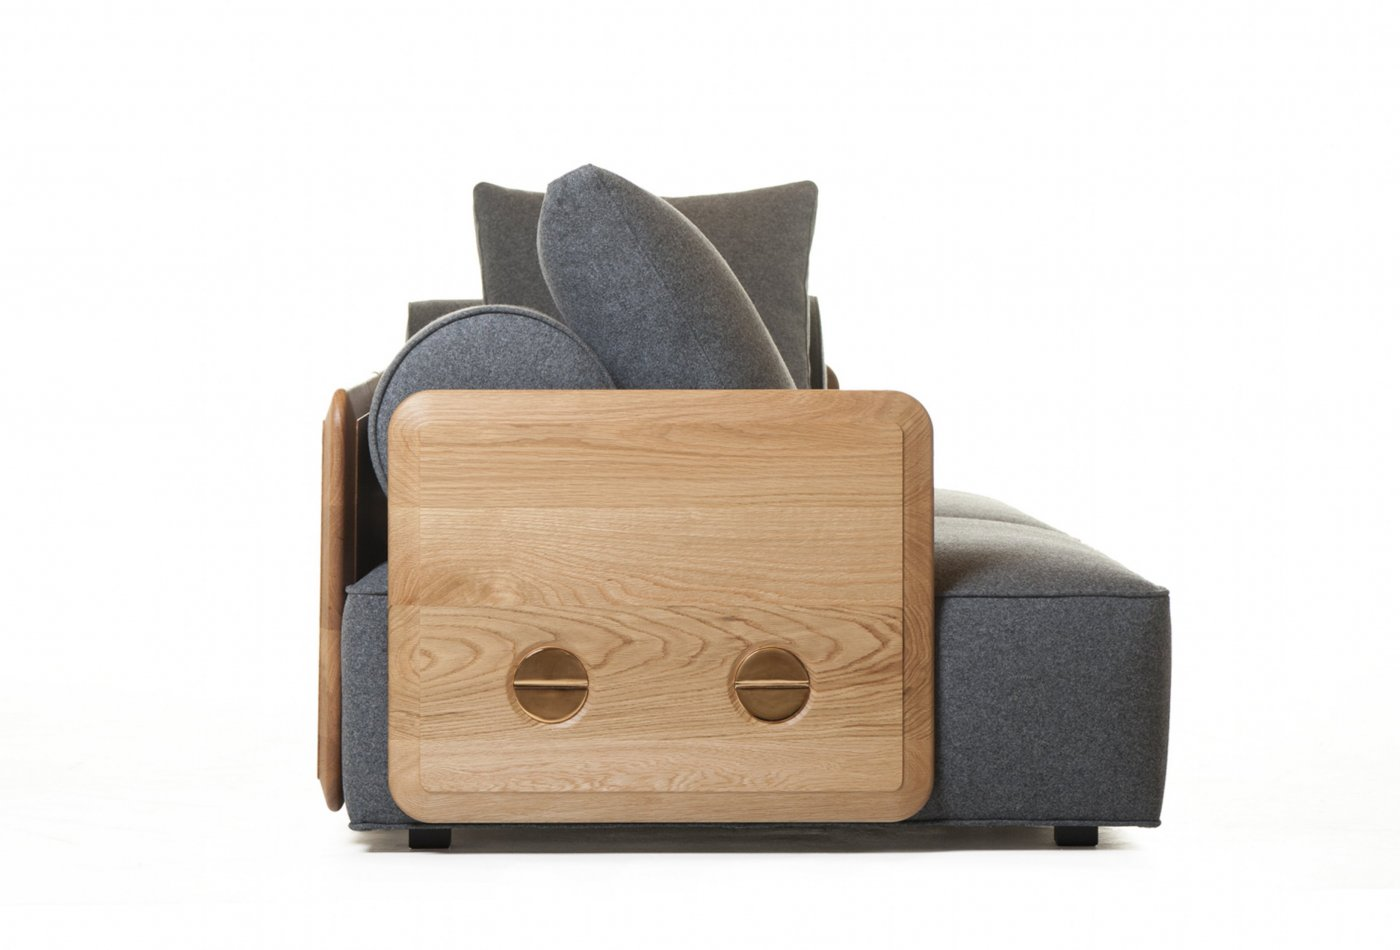 Deco Sofa detail in Danish oiled oak and wool